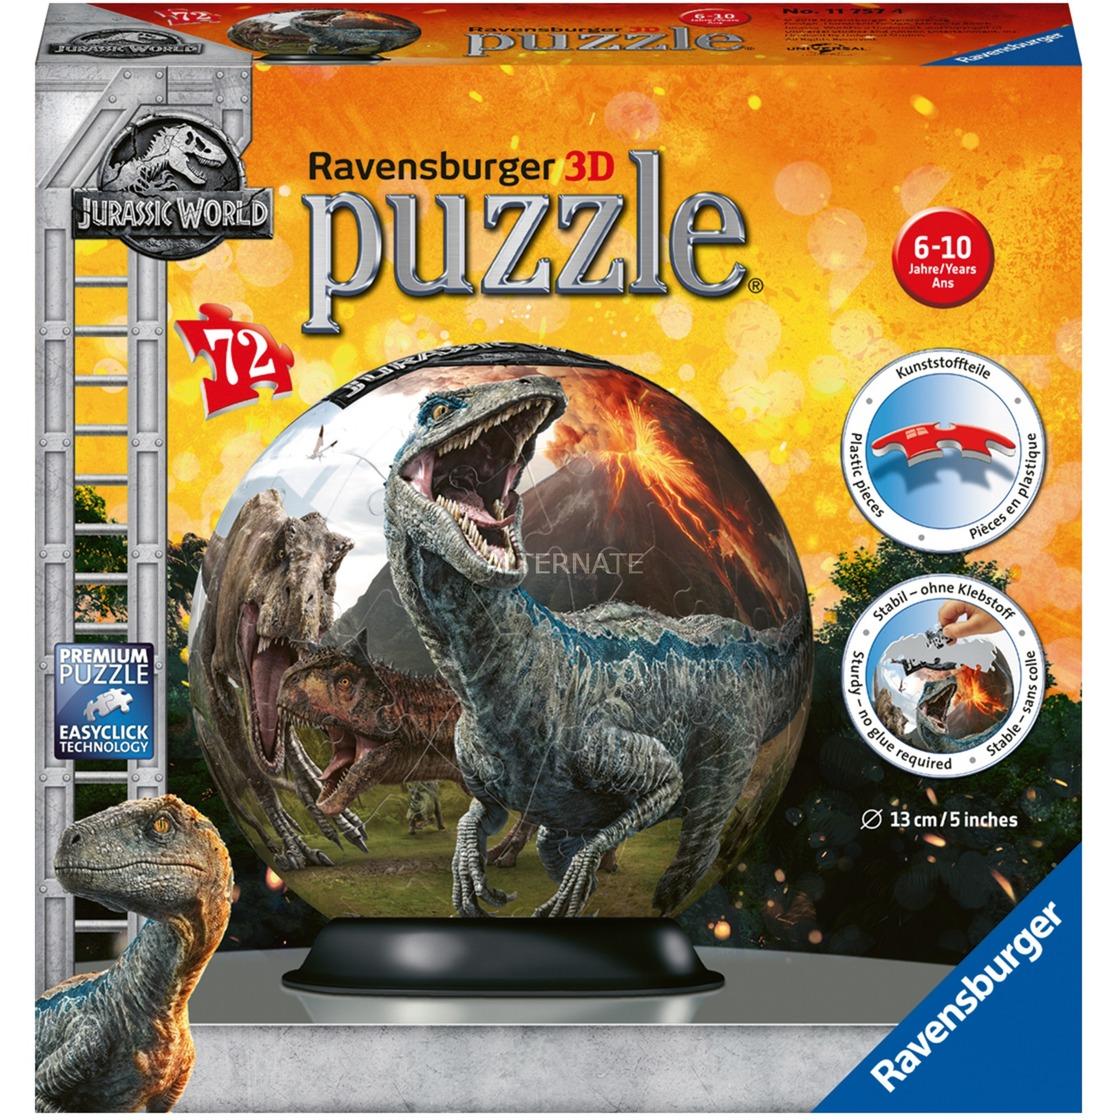 00.011.757 puzle 3D, Puzzle